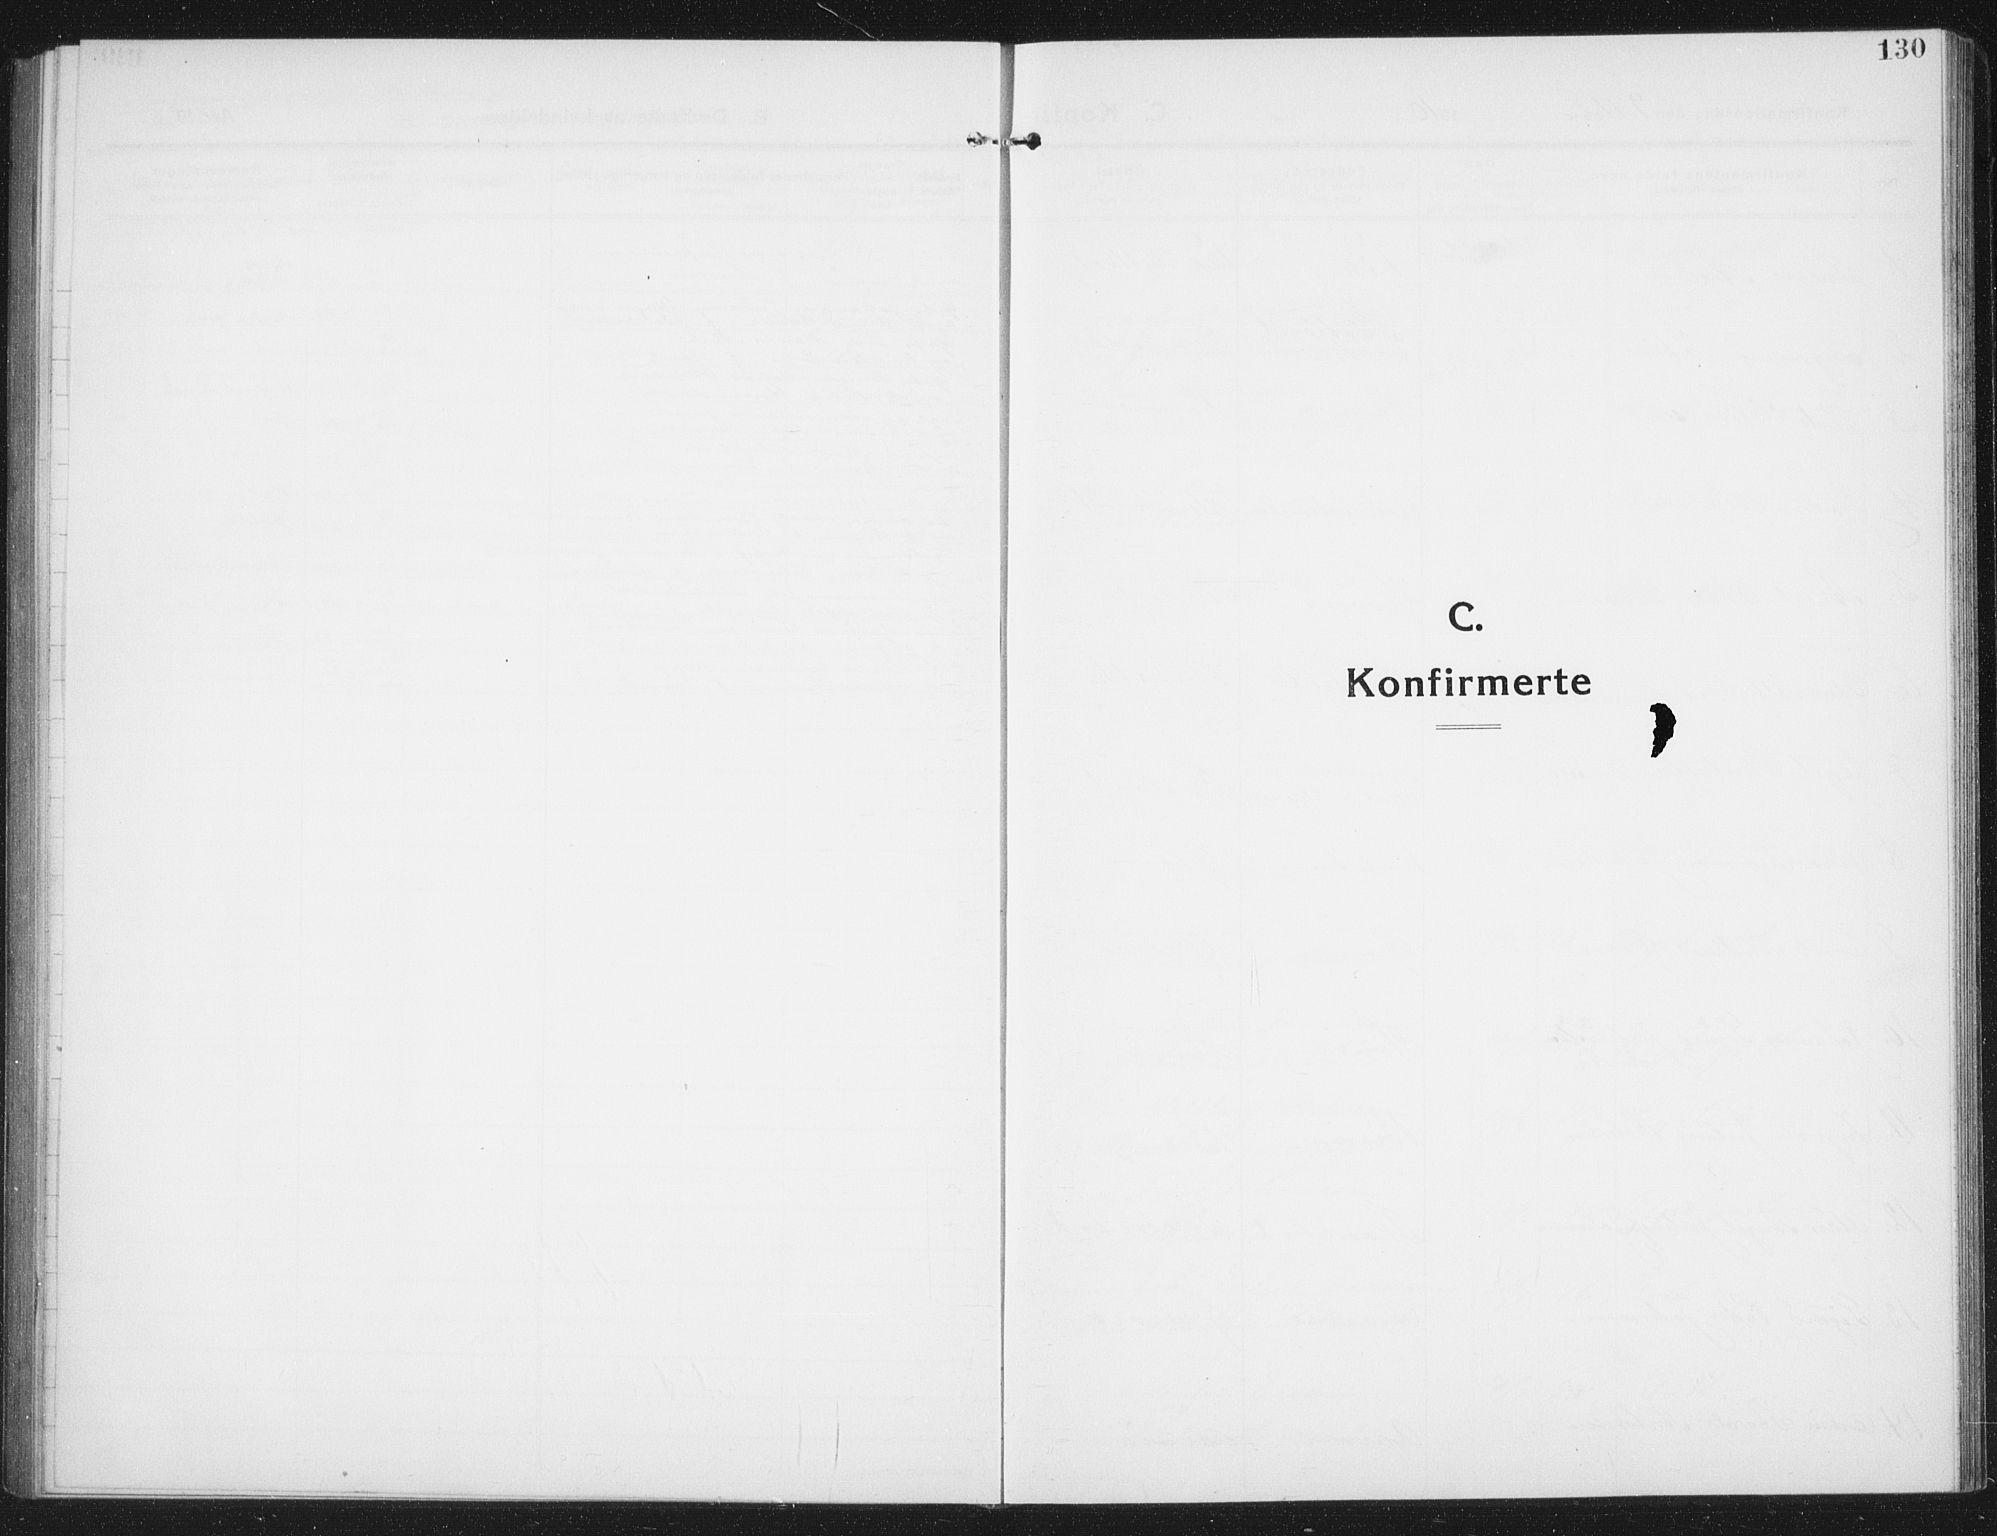 SAT, Ministerialprotokoller, klokkerbøker og fødselsregistre - Nord-Trøndelag, 774/L0630: Klokkerbok nr. 774C01, 1910-1934, s. 130